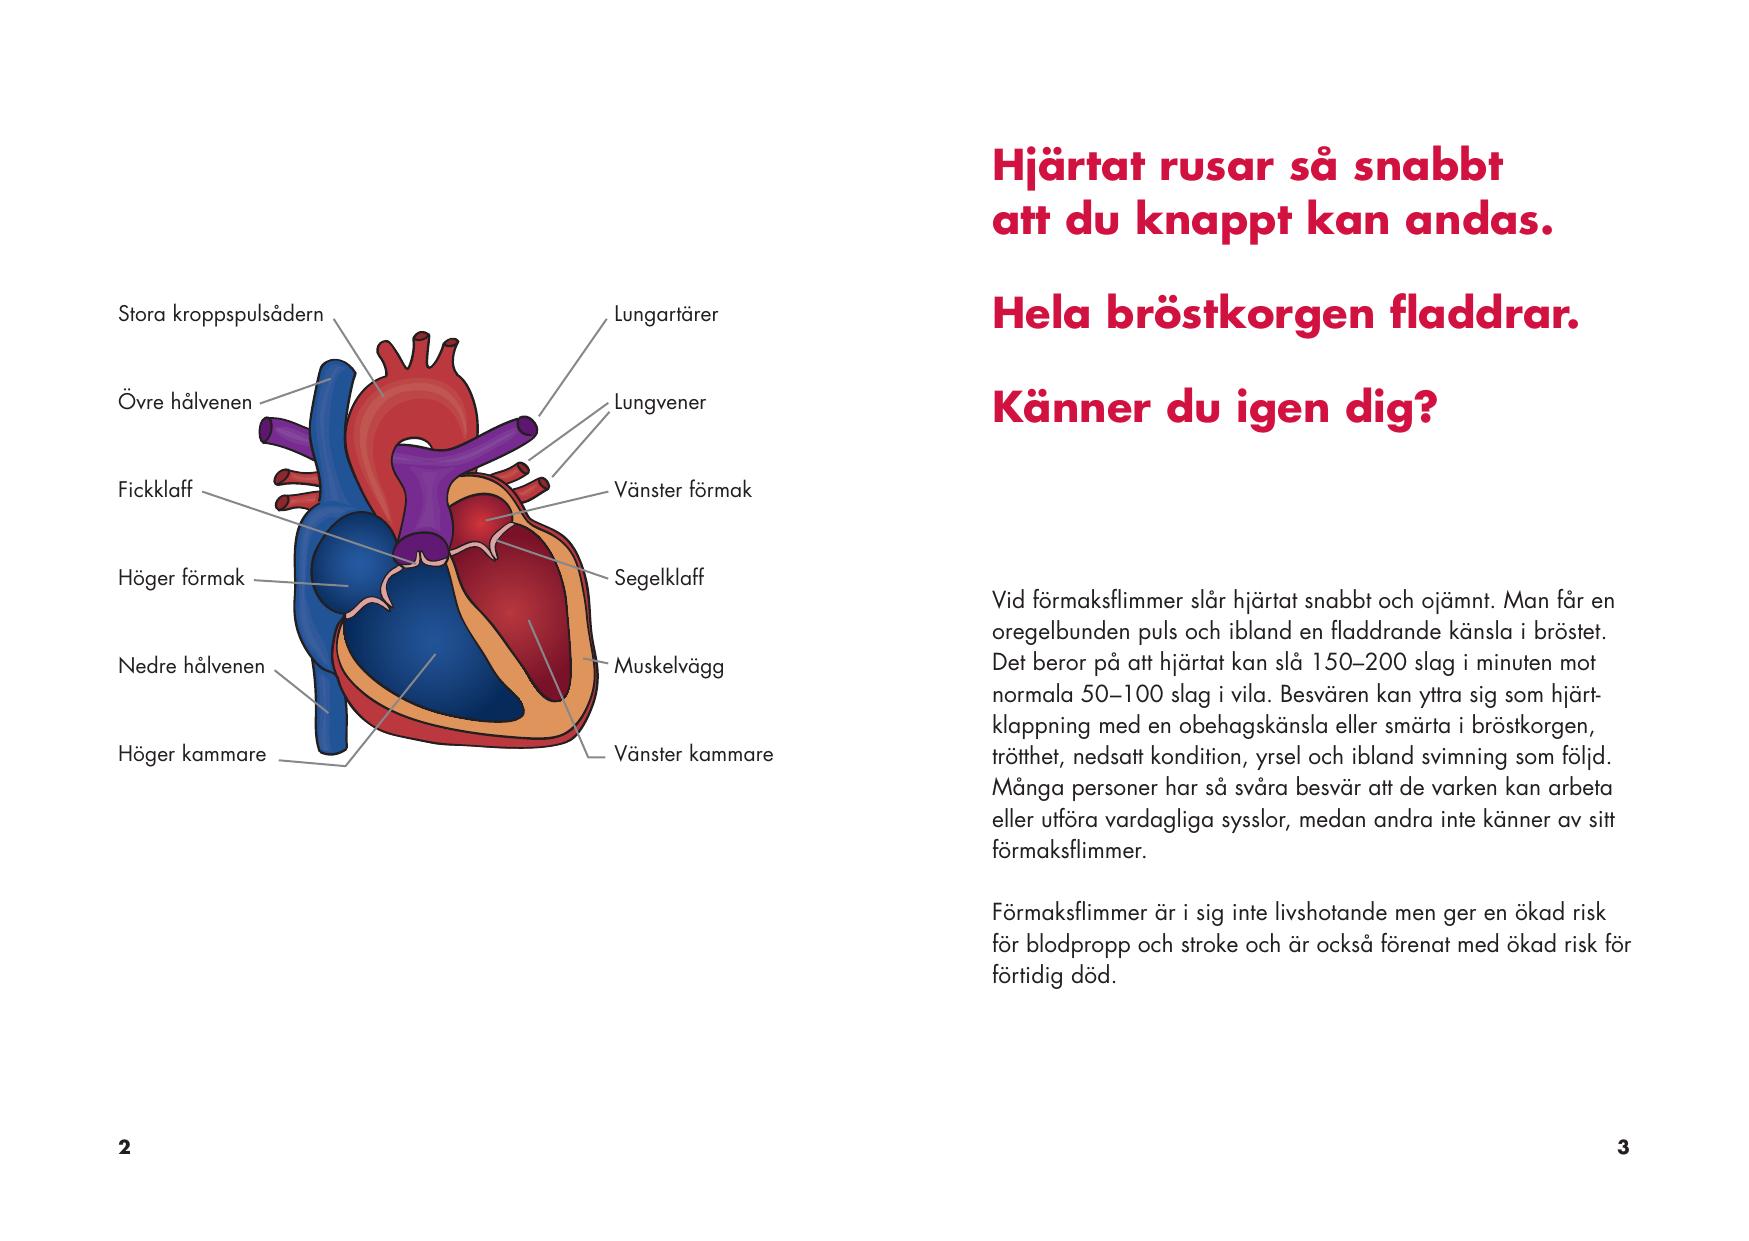 hjärtat fladdrar i bröstet